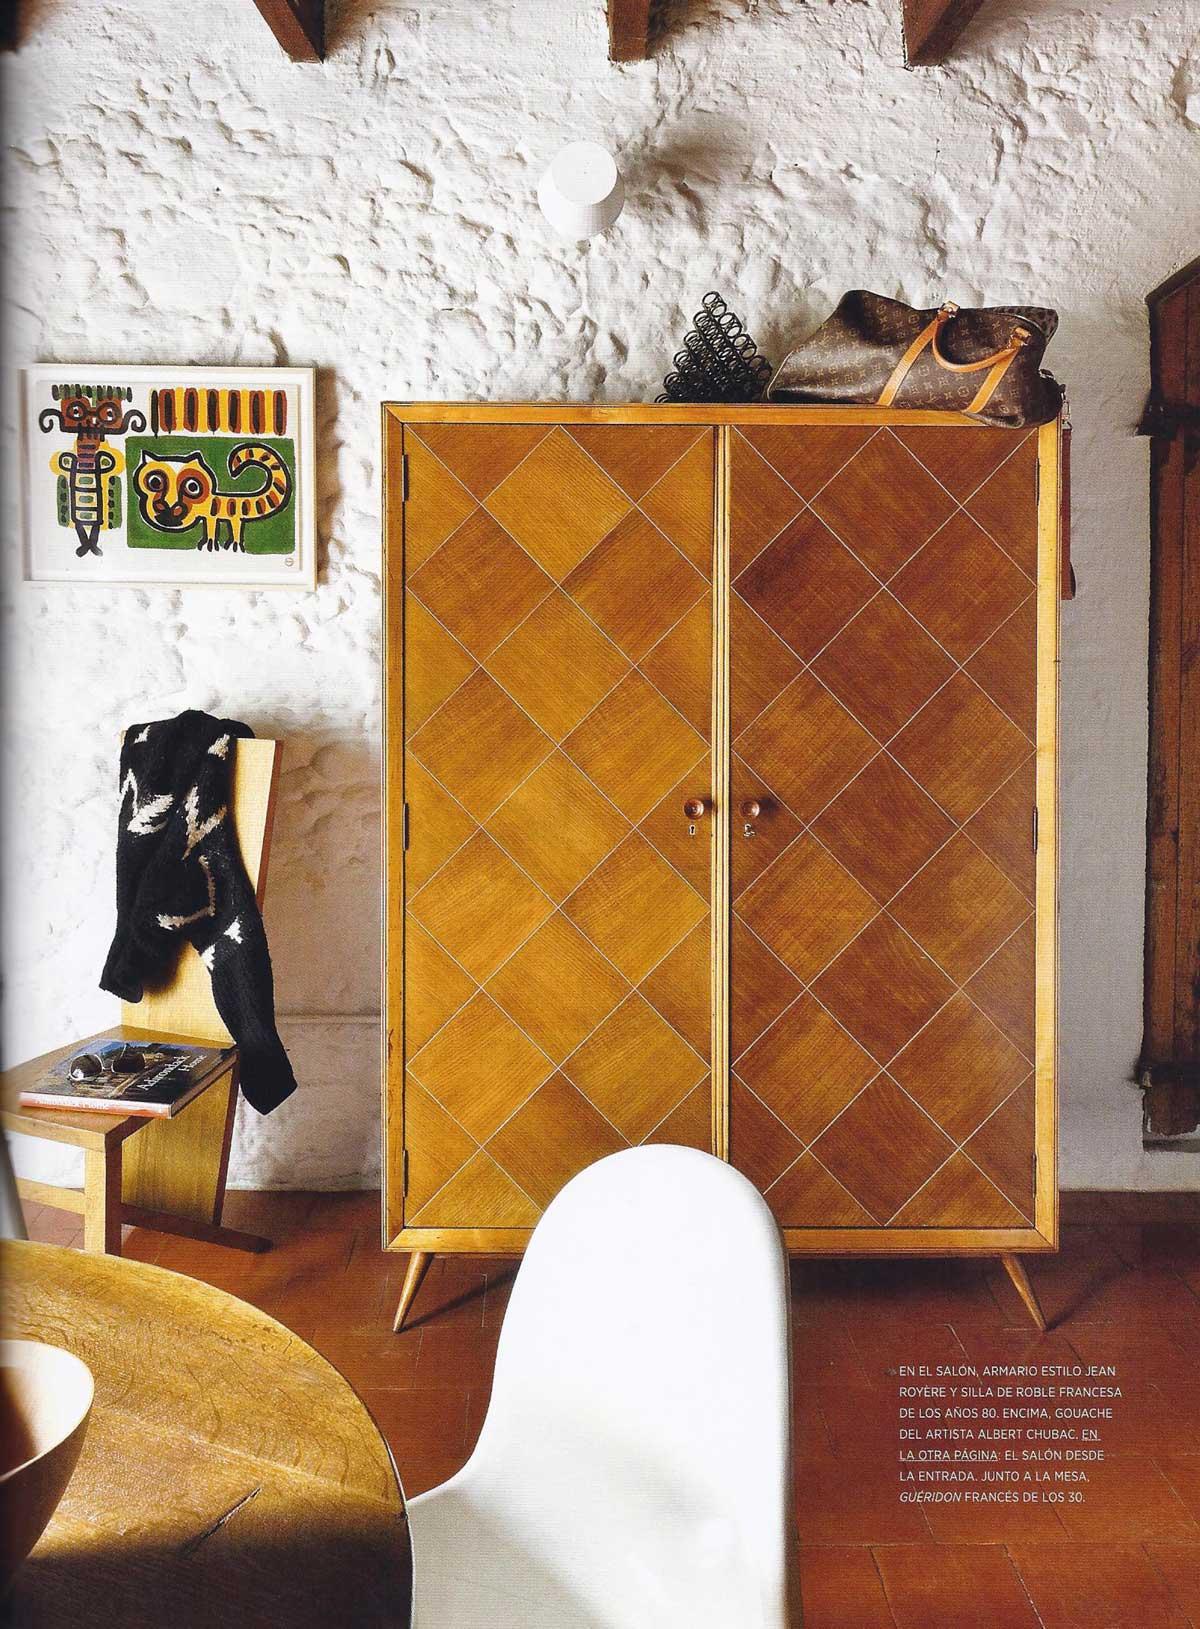 ad_spain-07-interior-01